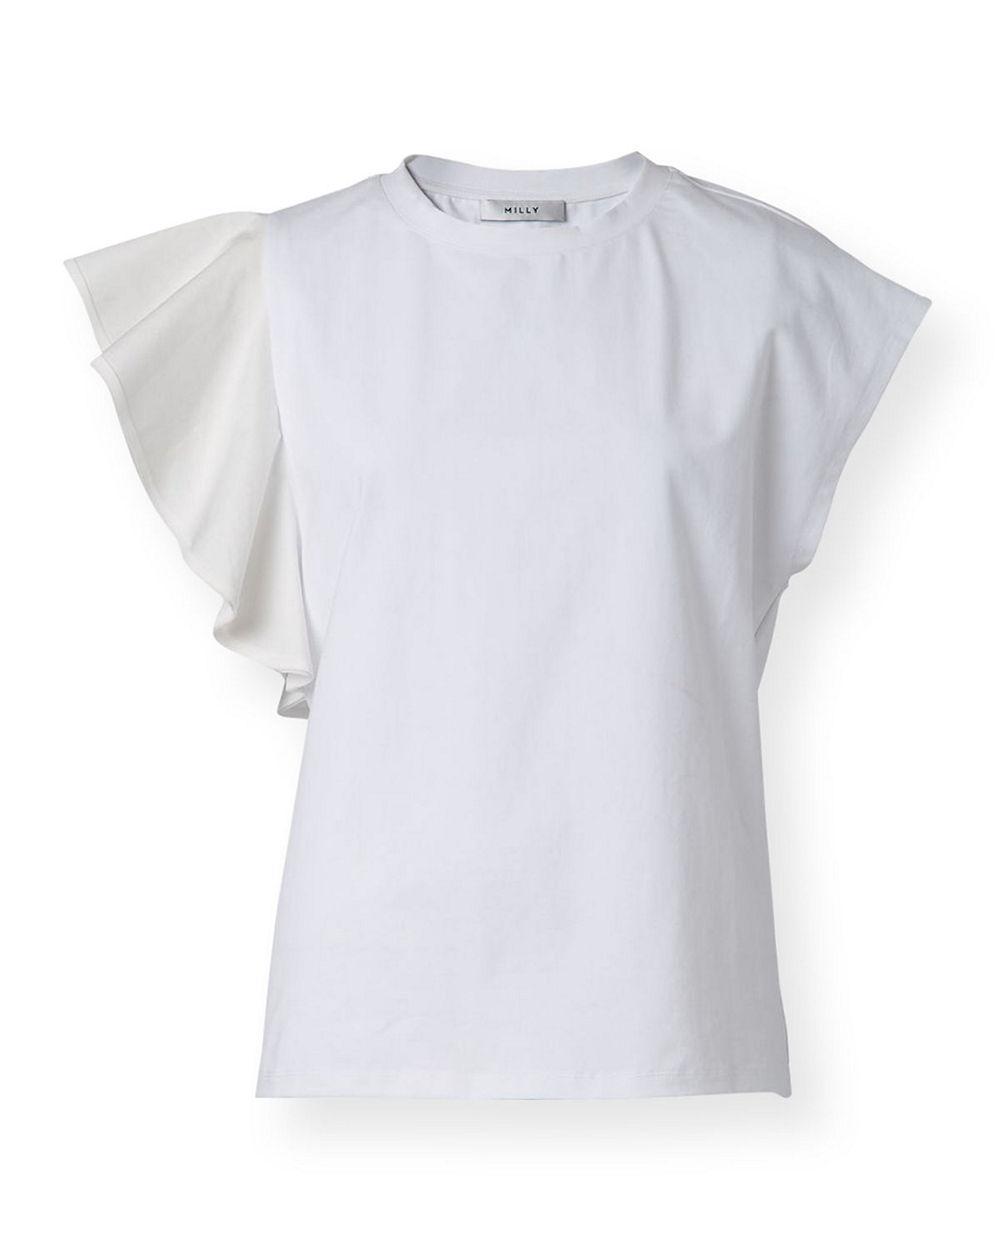 Parker Ruffle T- Shirt Item # 11PT22